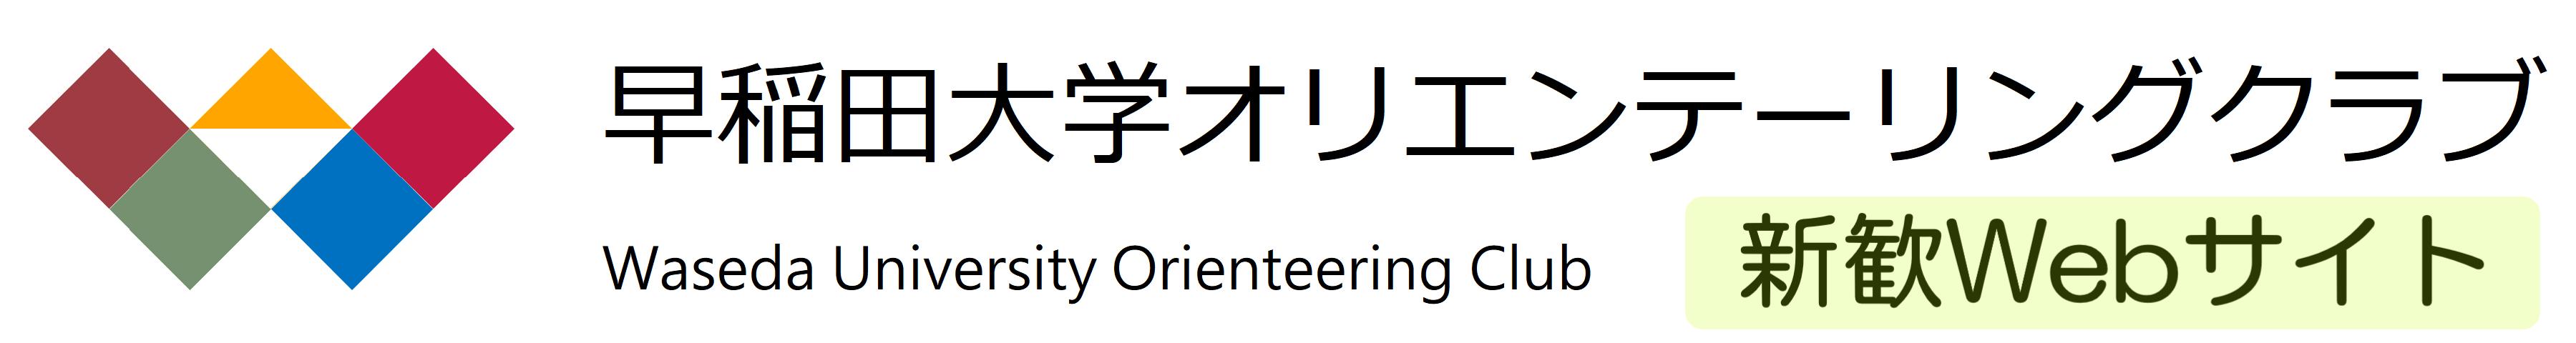 早大OC 新歓サイト